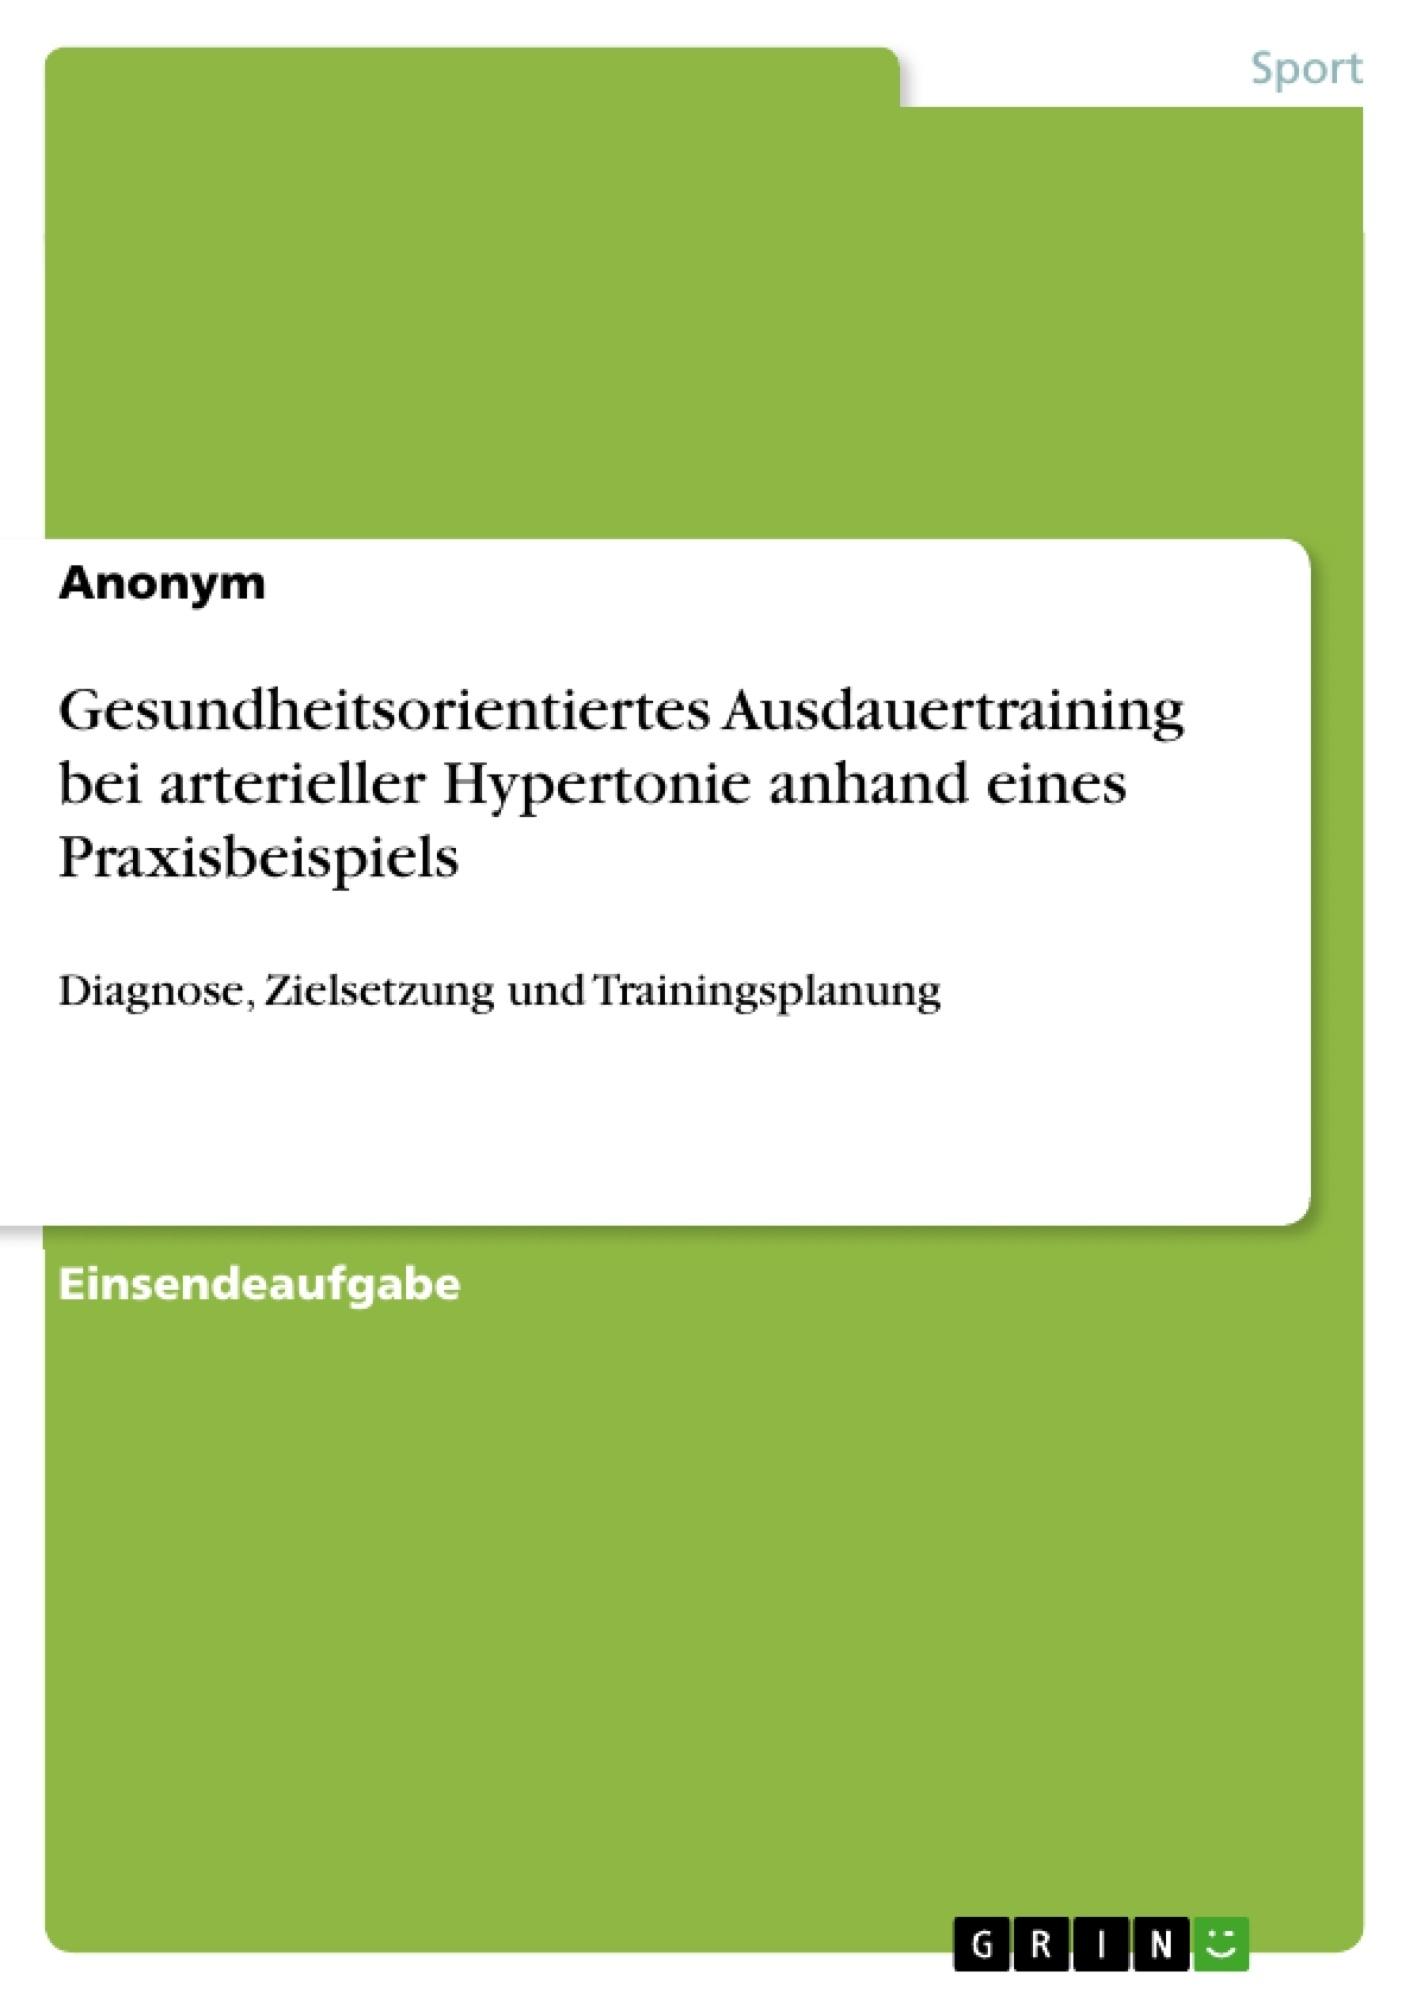 Titel: Gesundheitsorientiertes Ausdauertraining bei arterieller Hypertonie anhand eines Praxisbeispiels